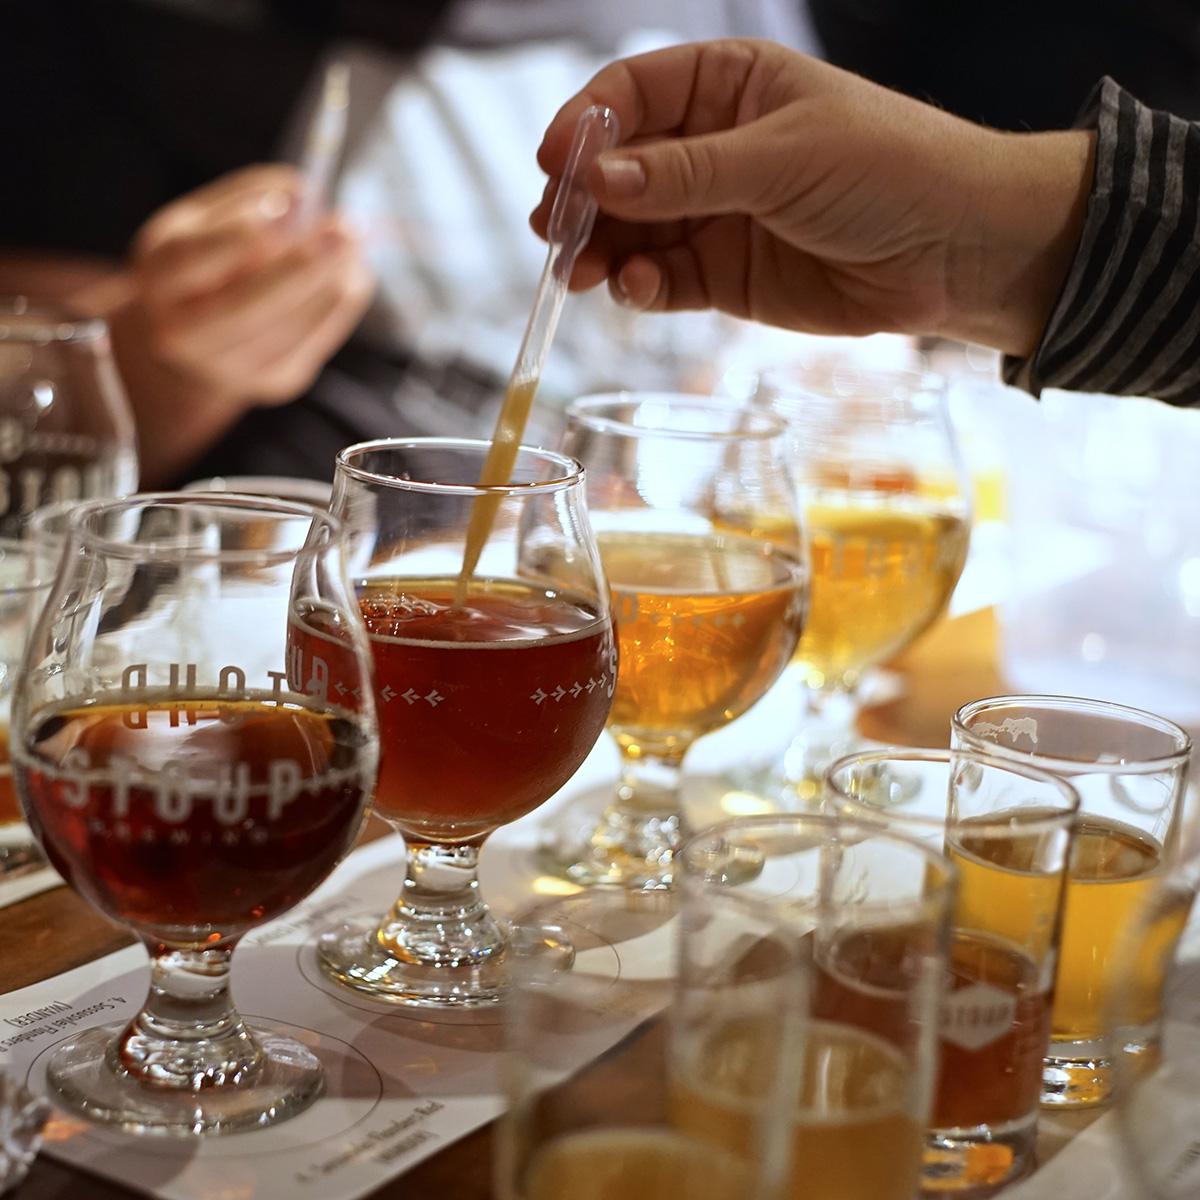 barrel blending beers